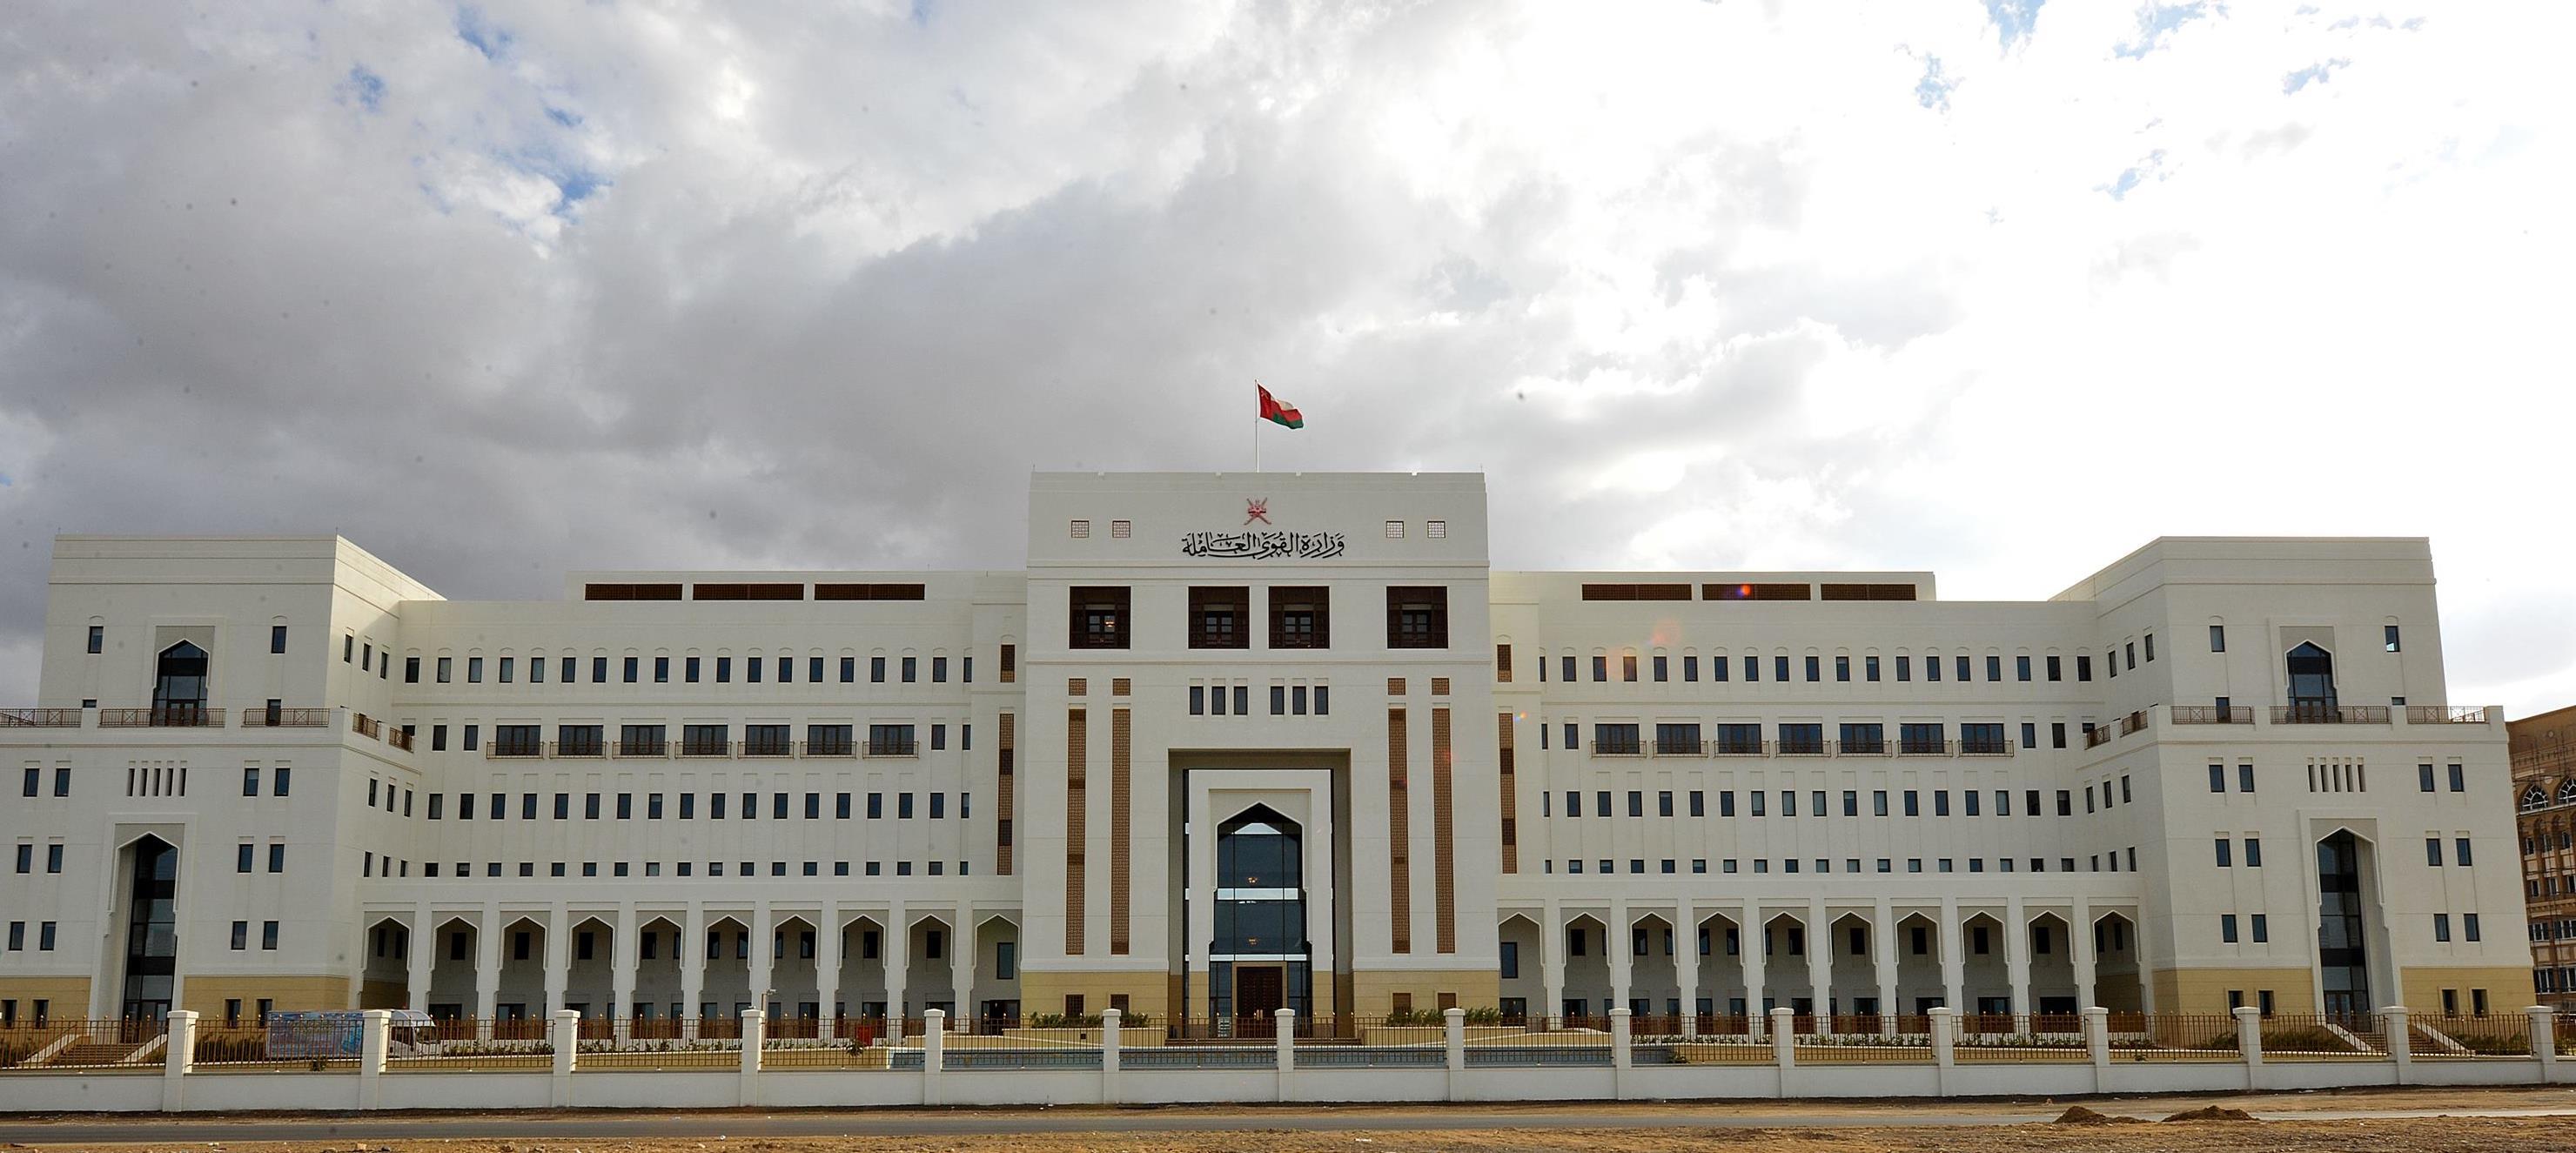 رصد 170 مخالفة لقرار حظر العمل وقت الظهيرة